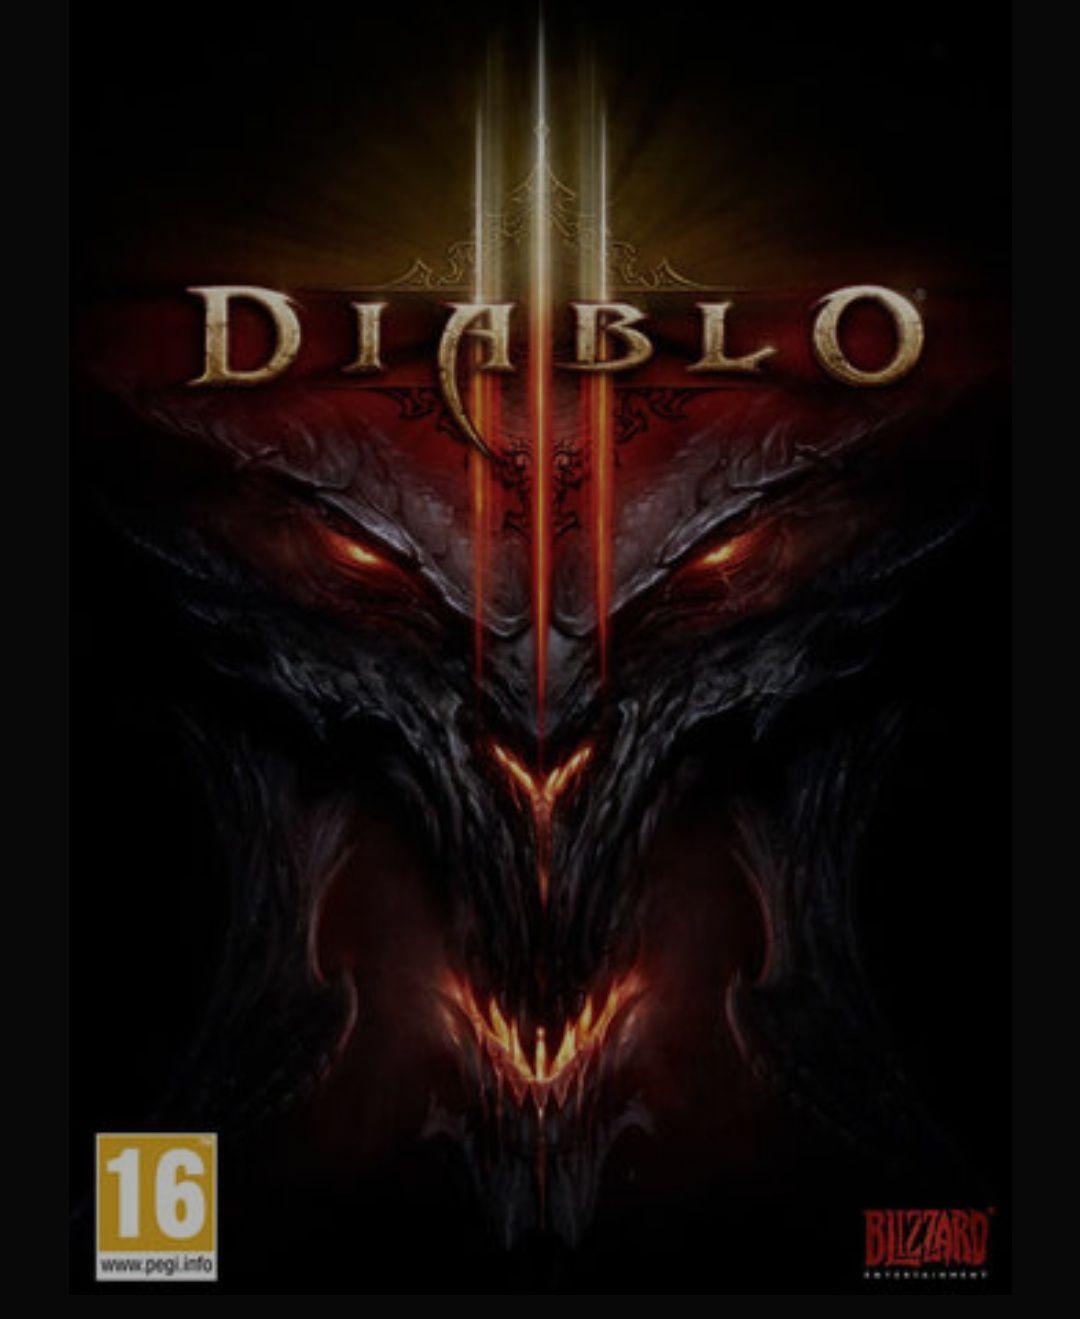 Sélection de jeux à 4.99€ (ex : Diablo III PC)